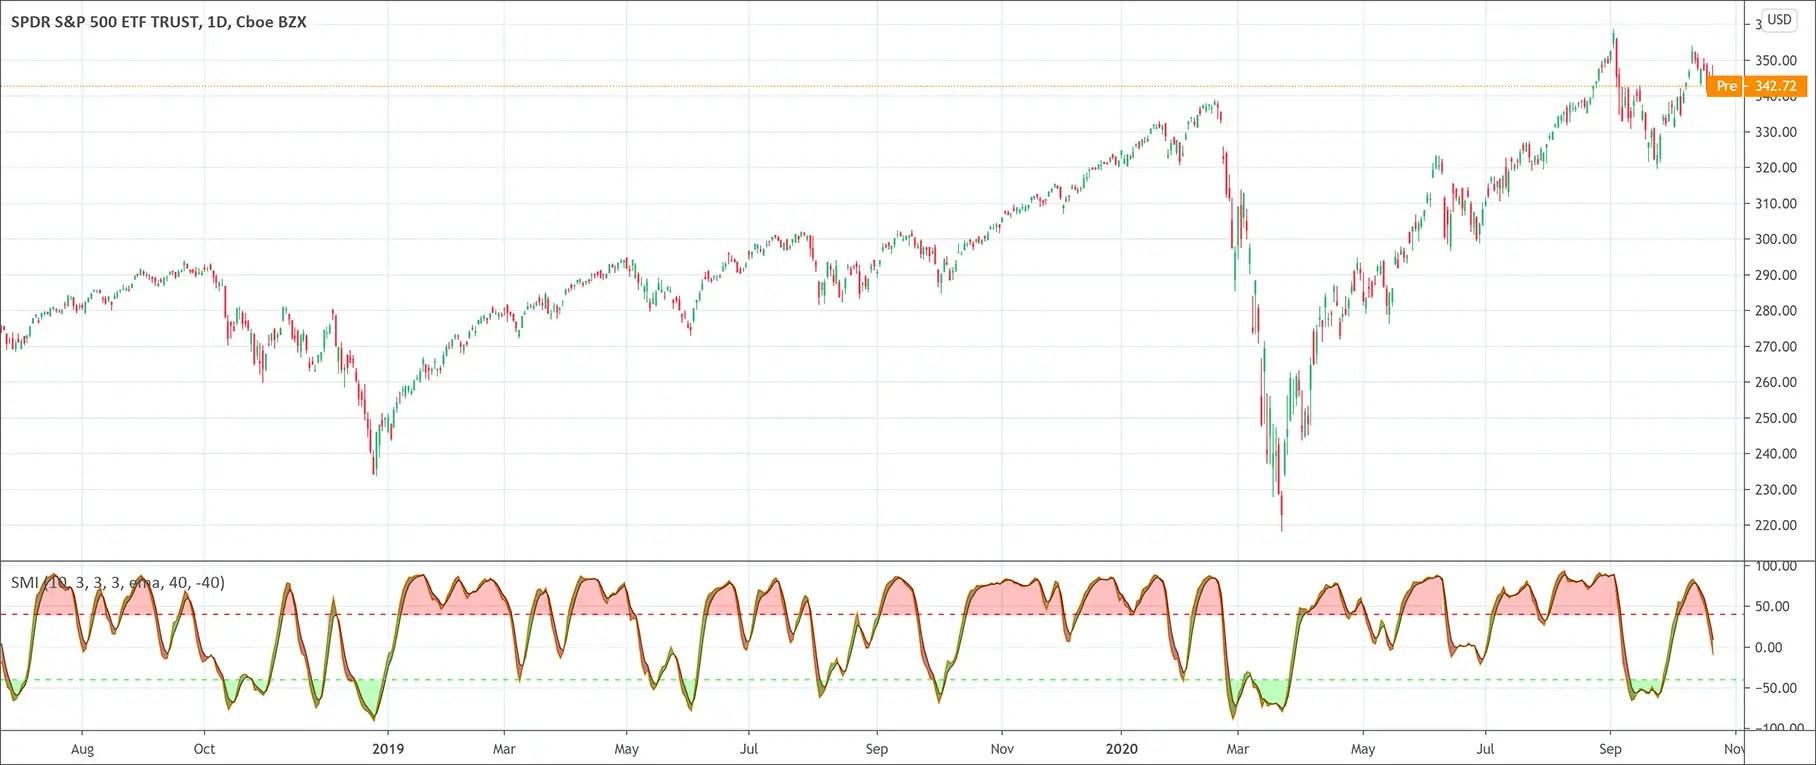 Stochastic Momentum Index